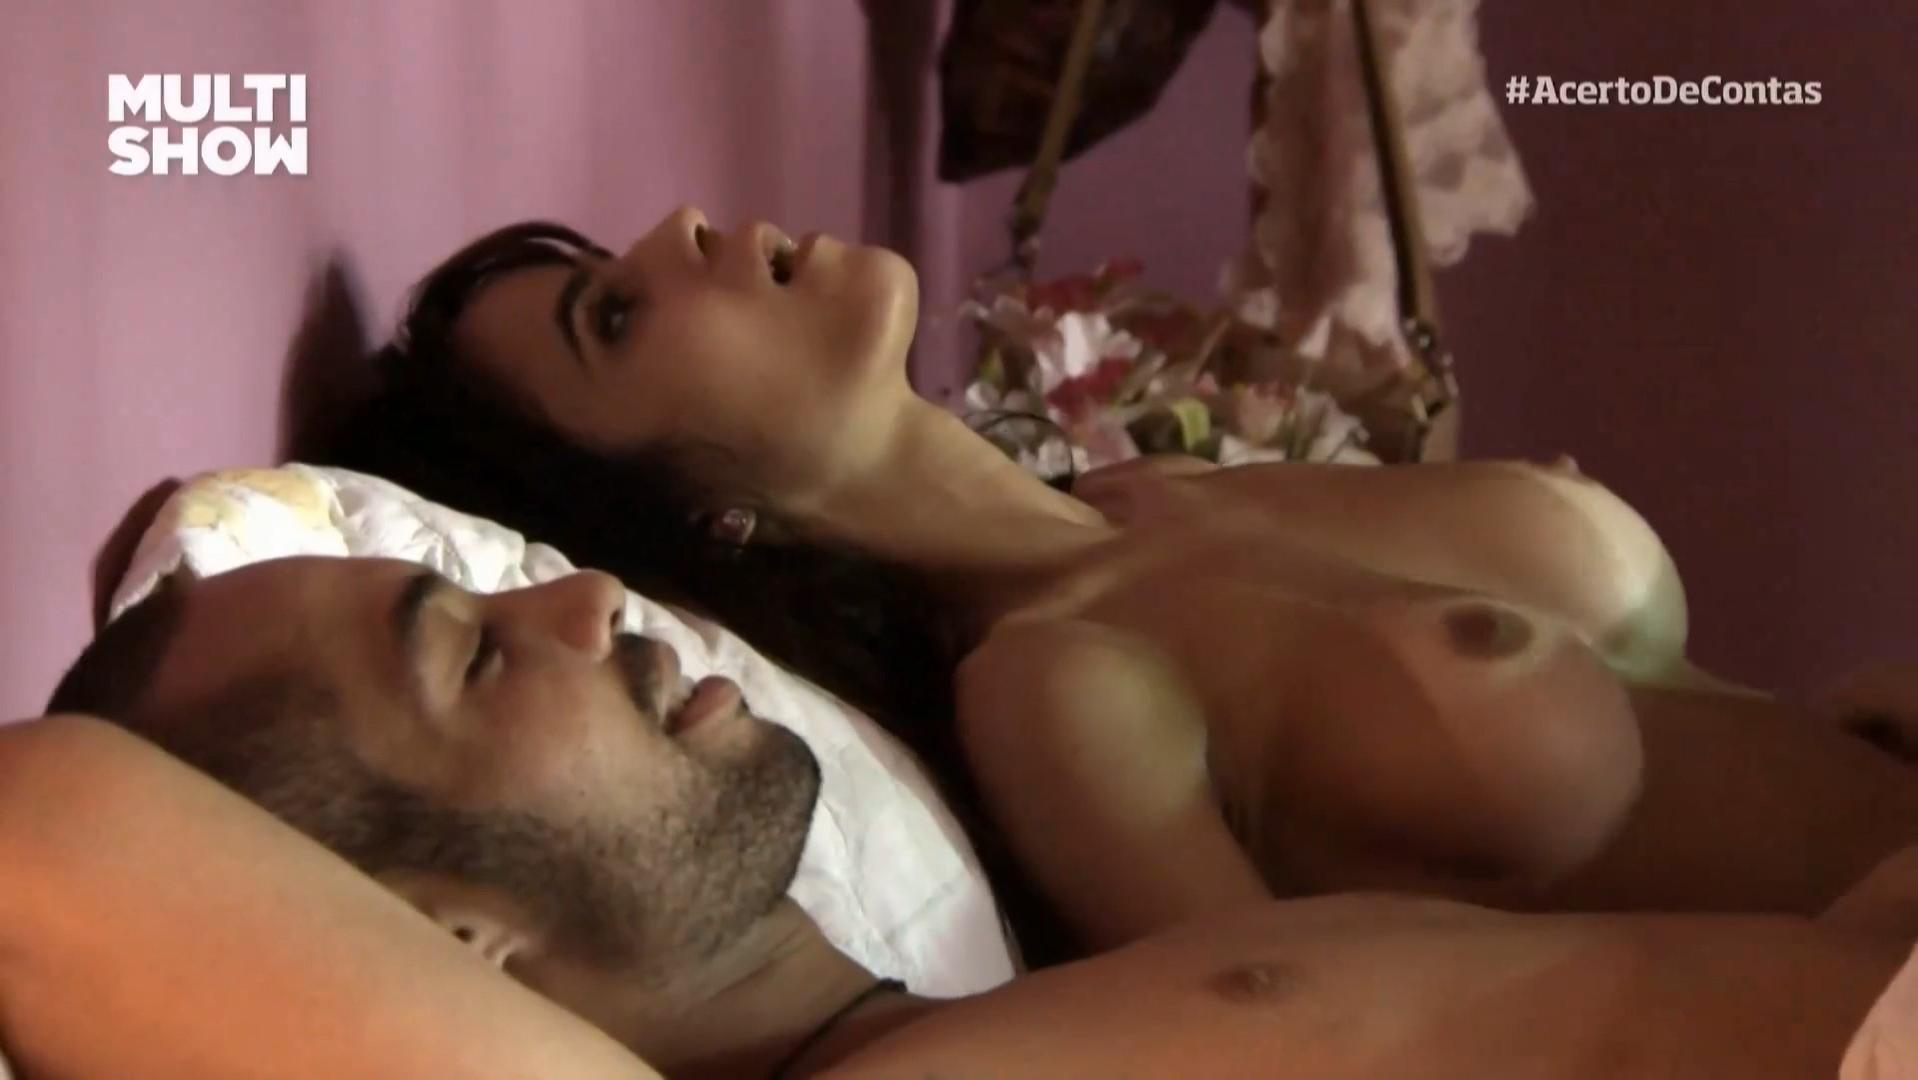 Brendha Haddad nude - Acerto De Contas (2014)